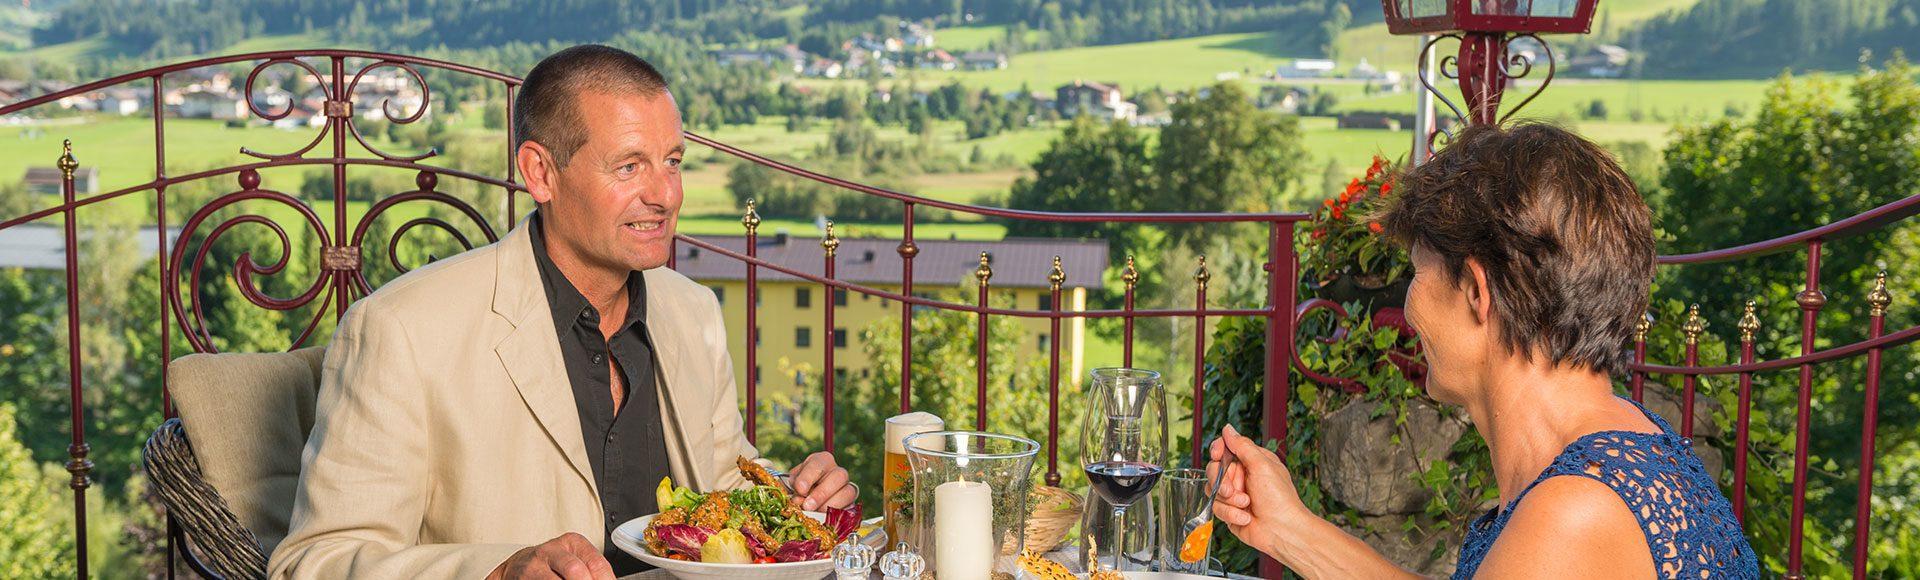 Restaurants Tourismusverband Radstadt Lorenz Masser 1